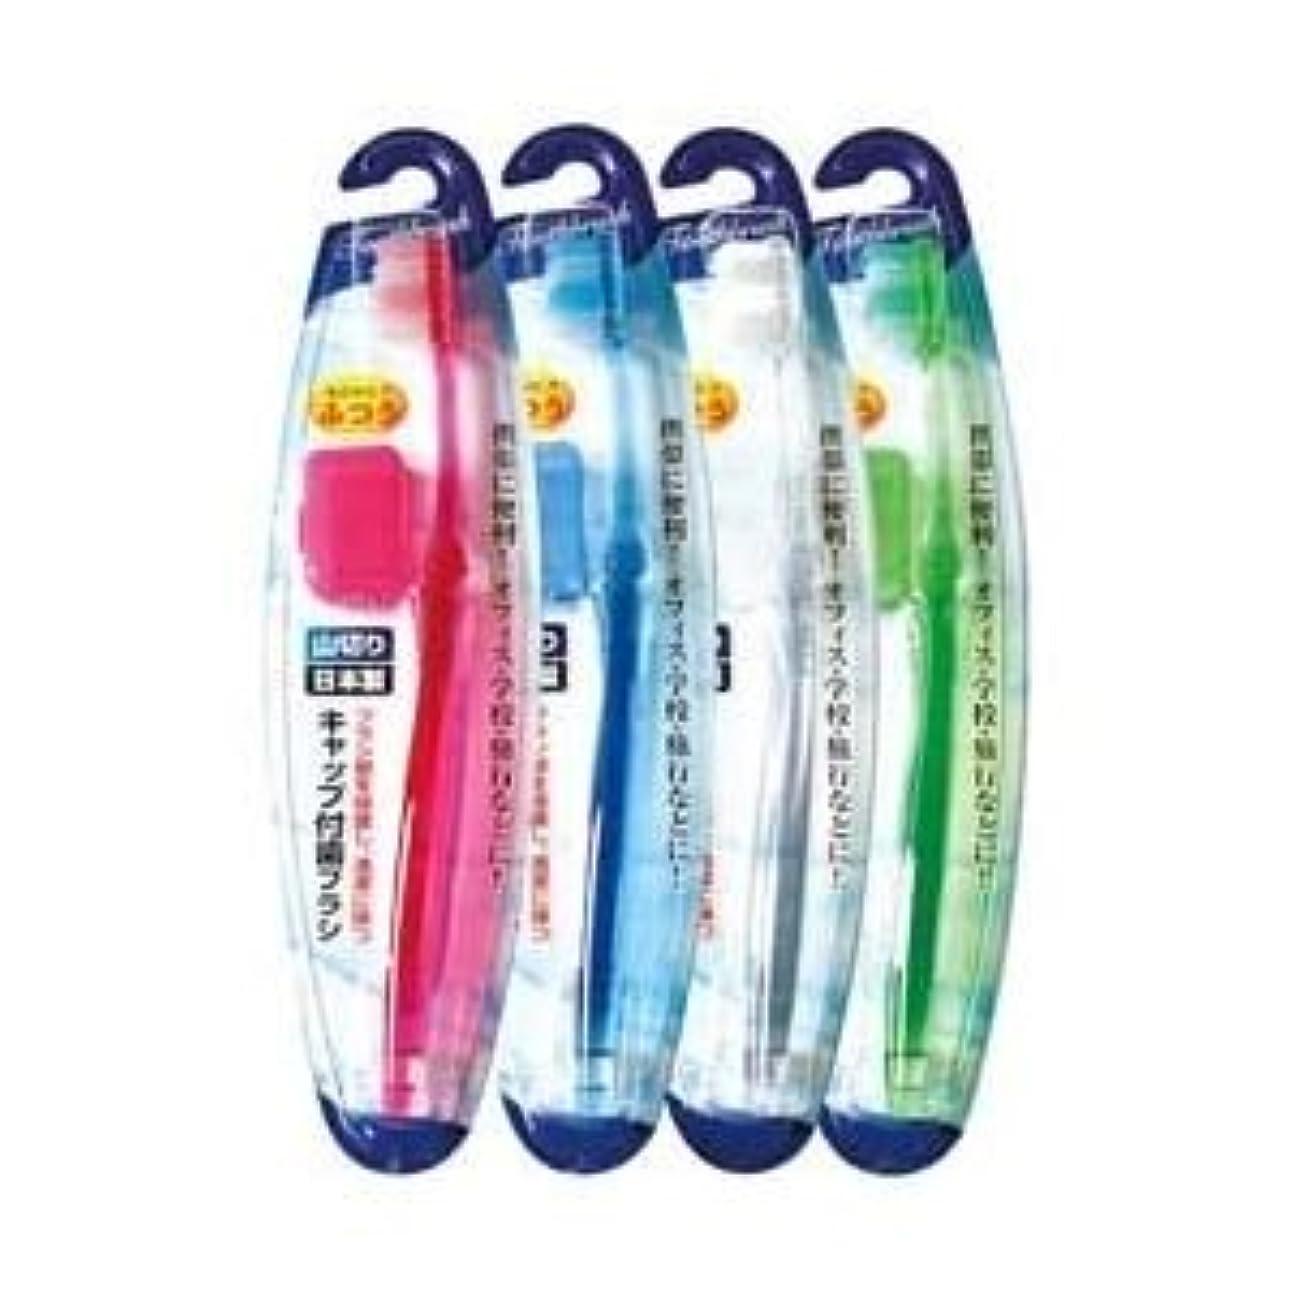 アヒル交通カカドゥ健康用品 キャップ付歯ブラシ山切りカット(ふつう)日本製 【12個セット】 41-209